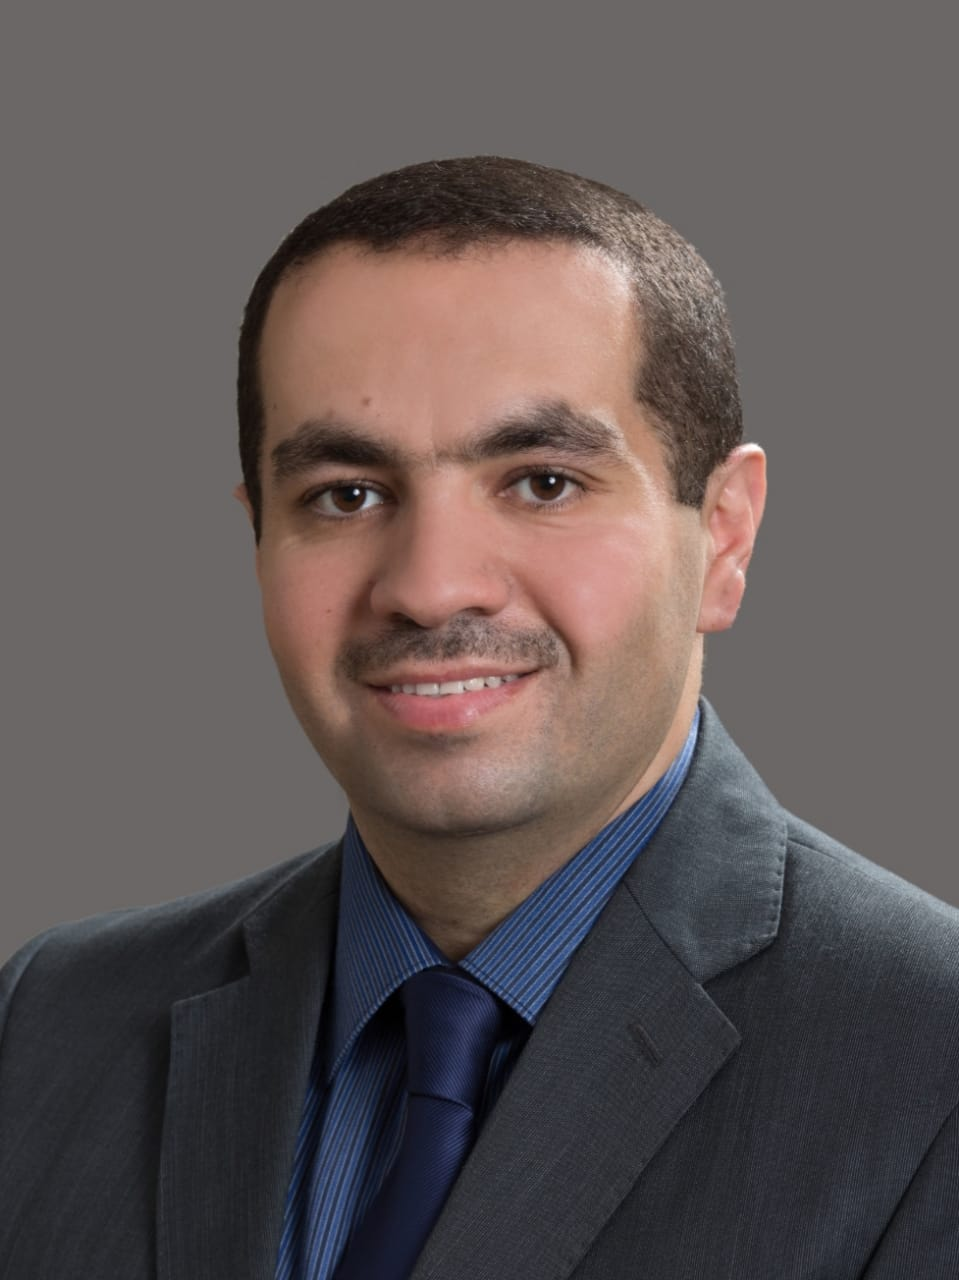 """ترقية الدكتور شبيطة في """"عمان العربية"""" إلى رتبة الاستاذية"""